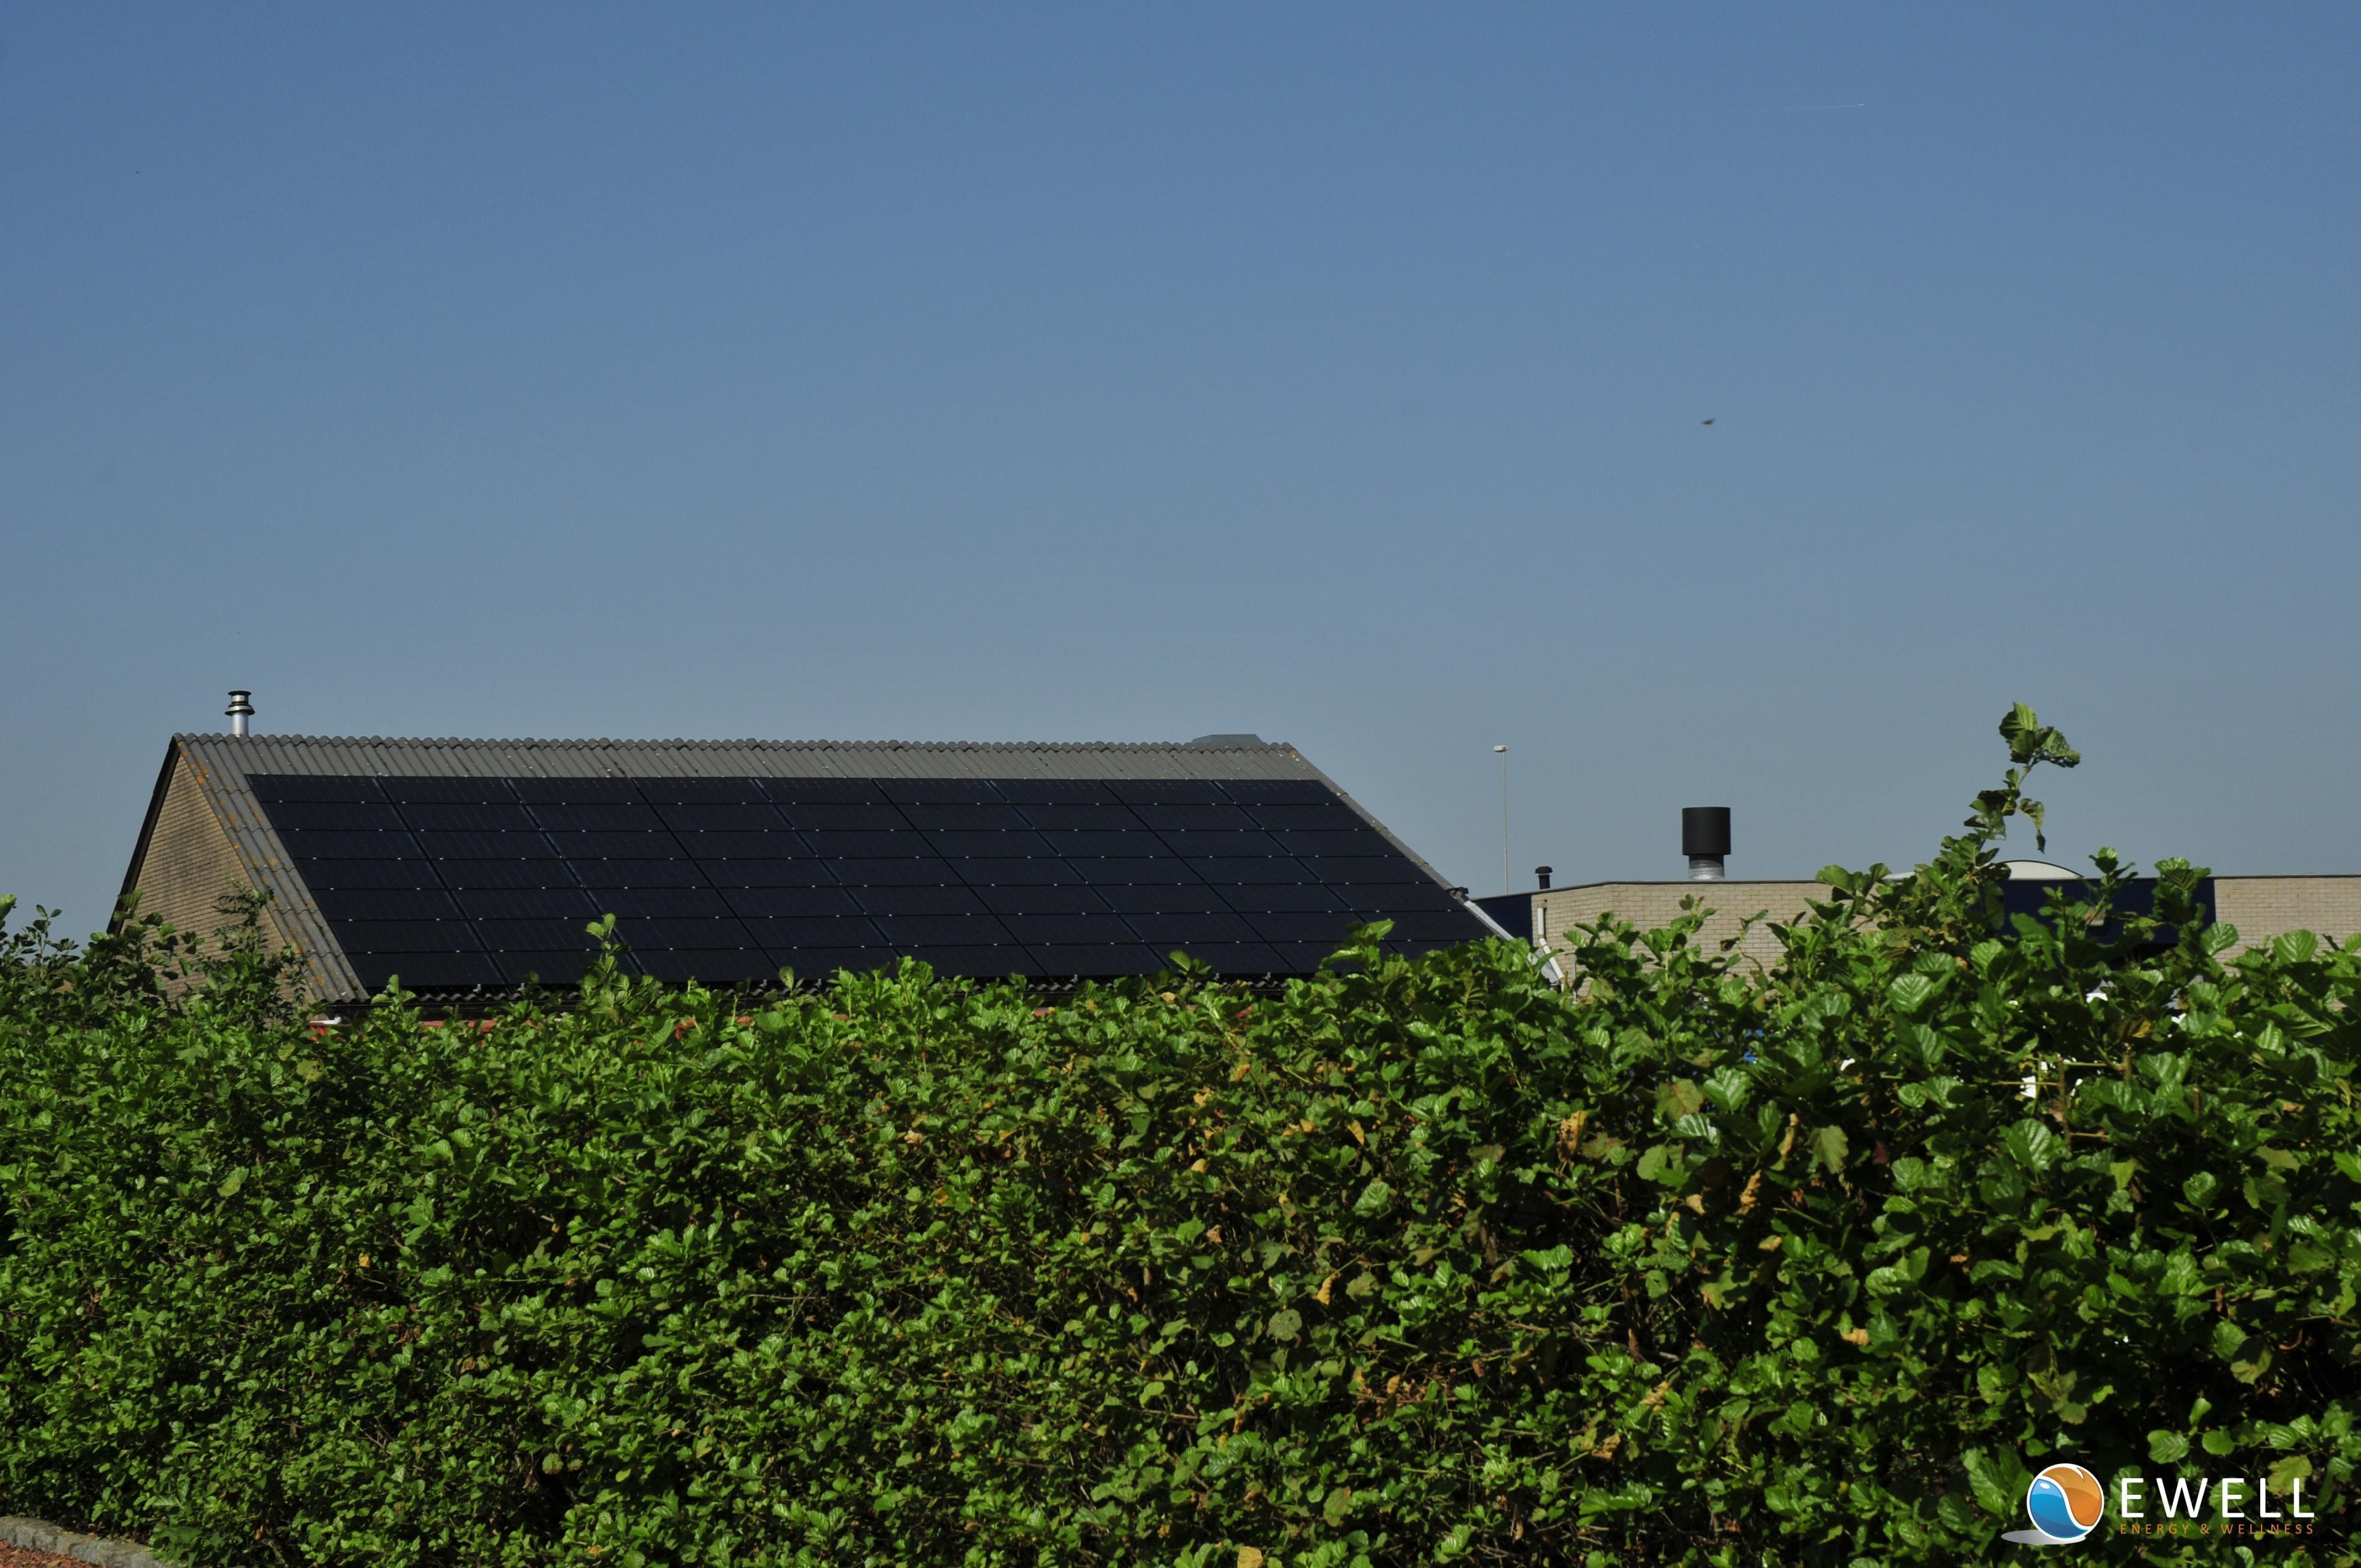 Garage Van Vlijmen : Garagebedrijf van vlijmen investeert in duurzame energie met